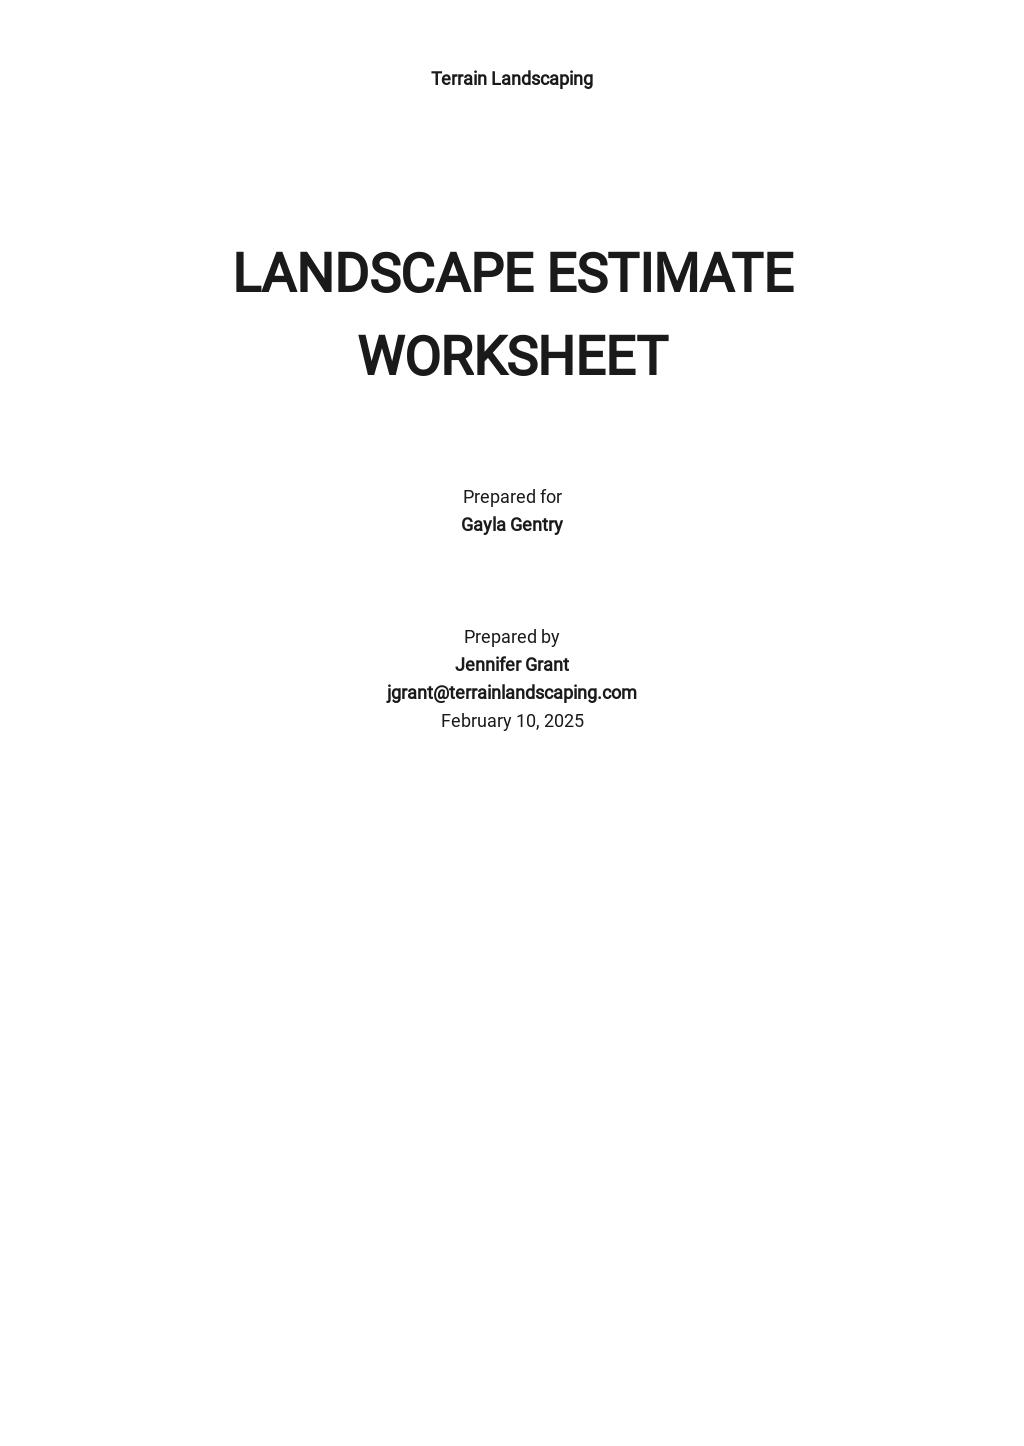 Landscape Estimate Worksheet Template